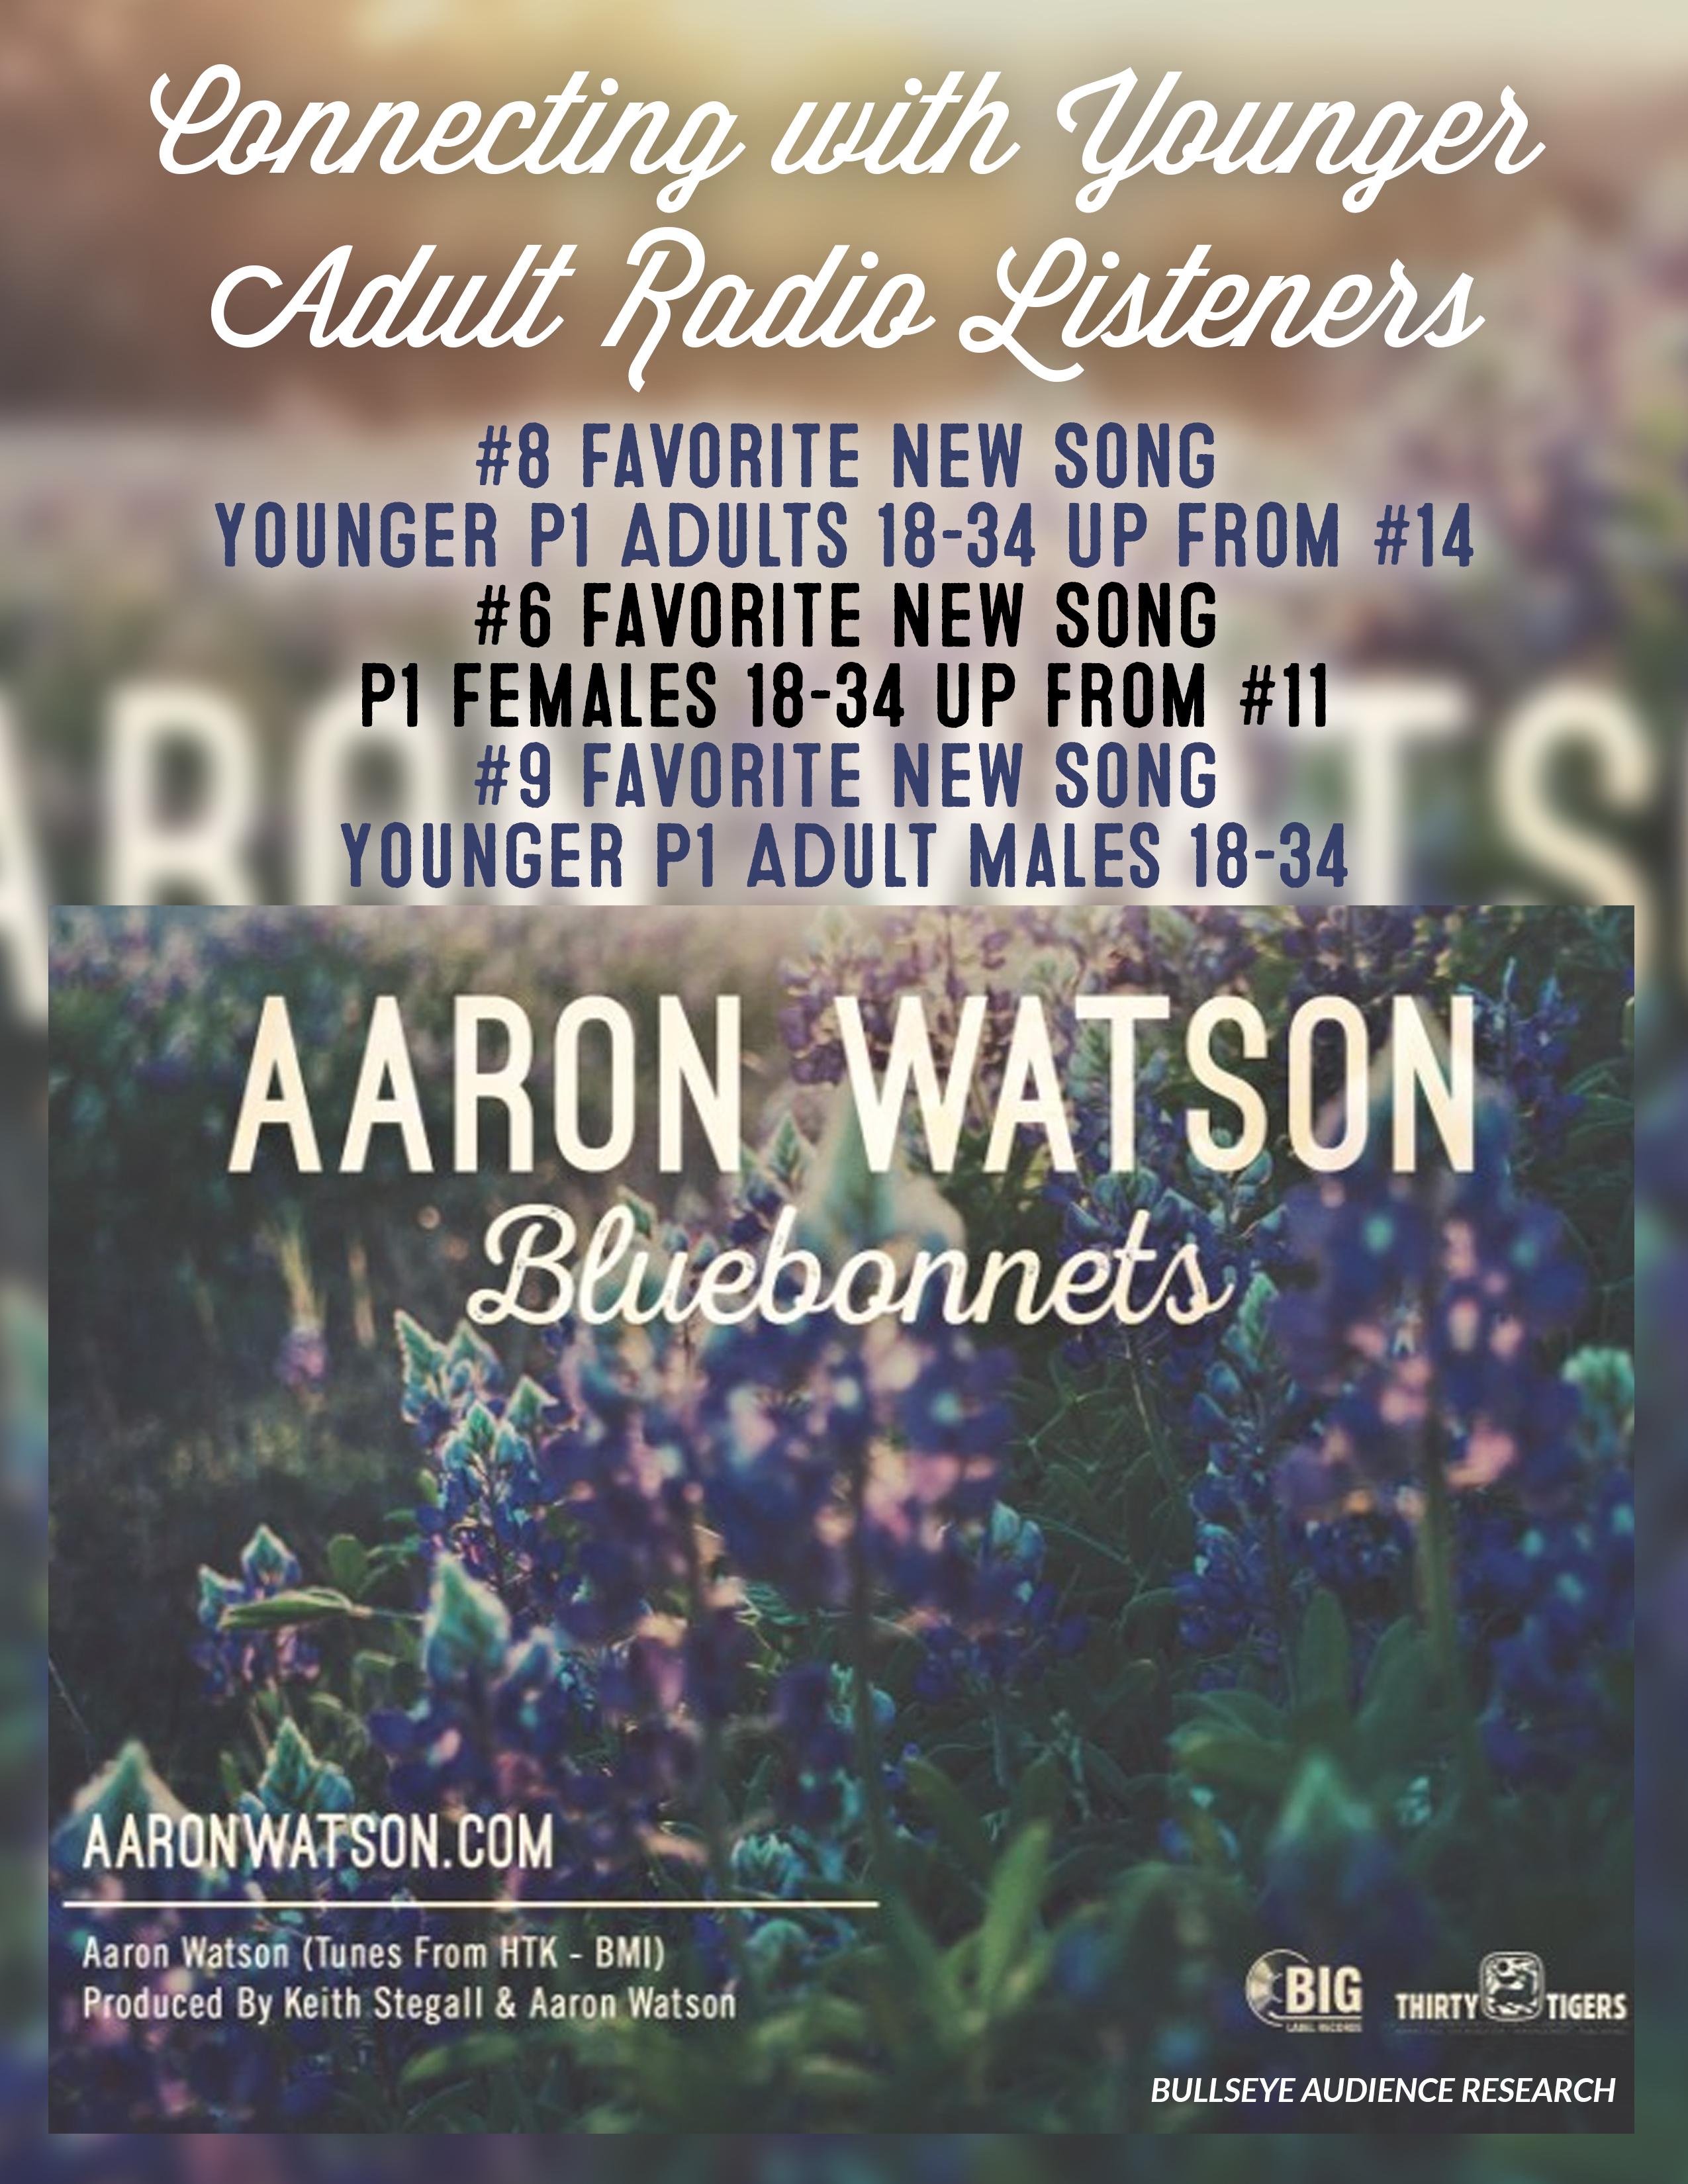 Aaron Watson - Blue Bonnets